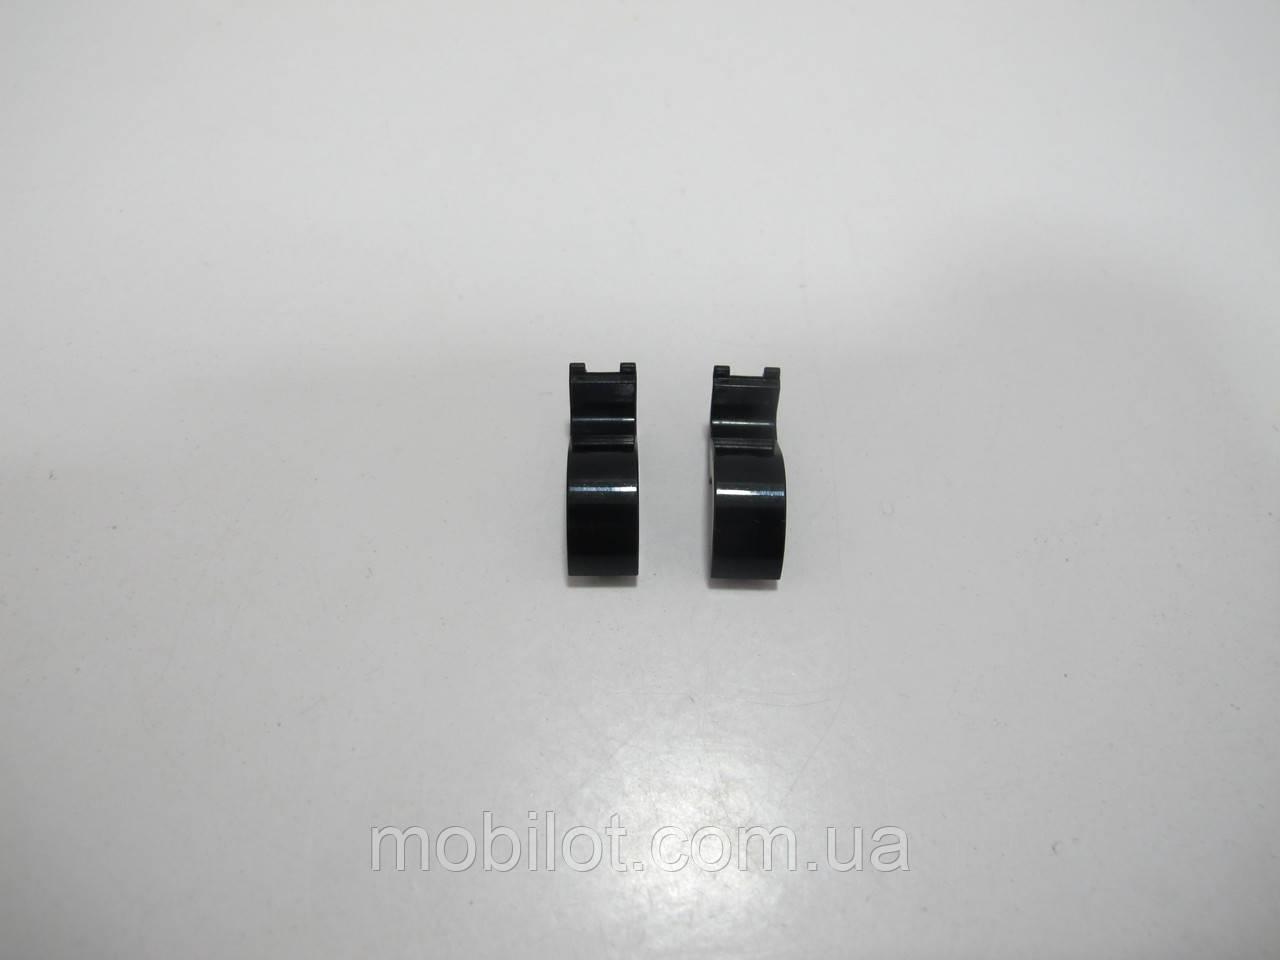 Заглушки Samsung NC110 (NZ-6163)